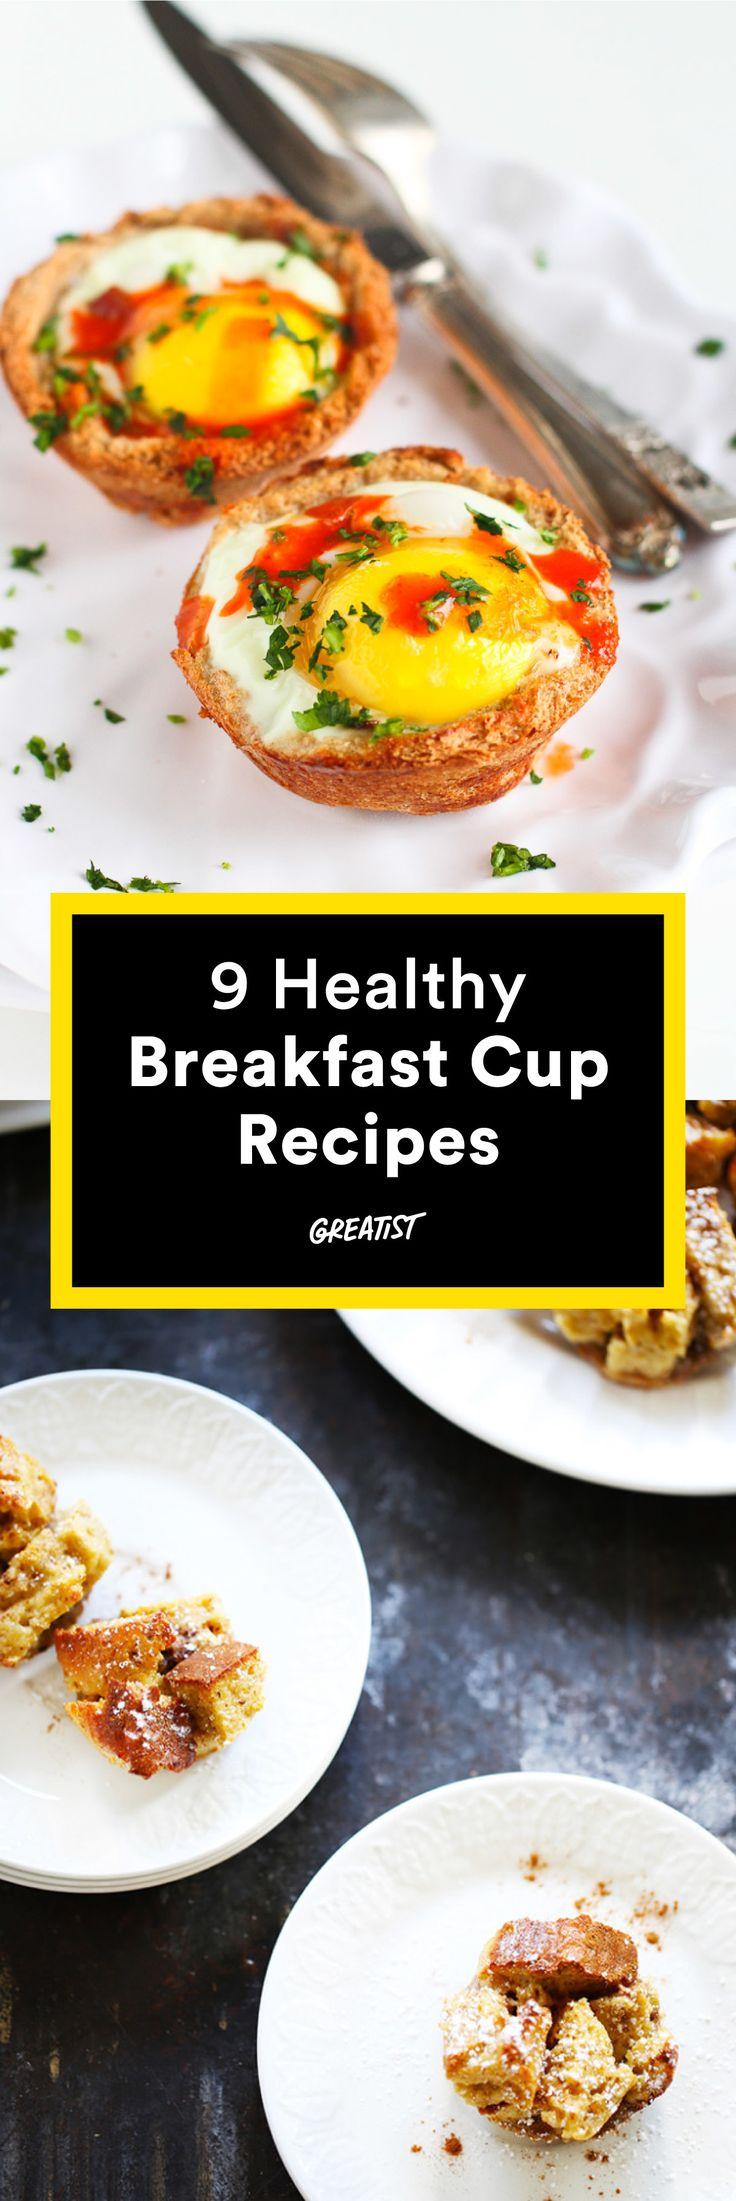 Mini in size, mighty in taste. #healthy #breakfast #recipes…